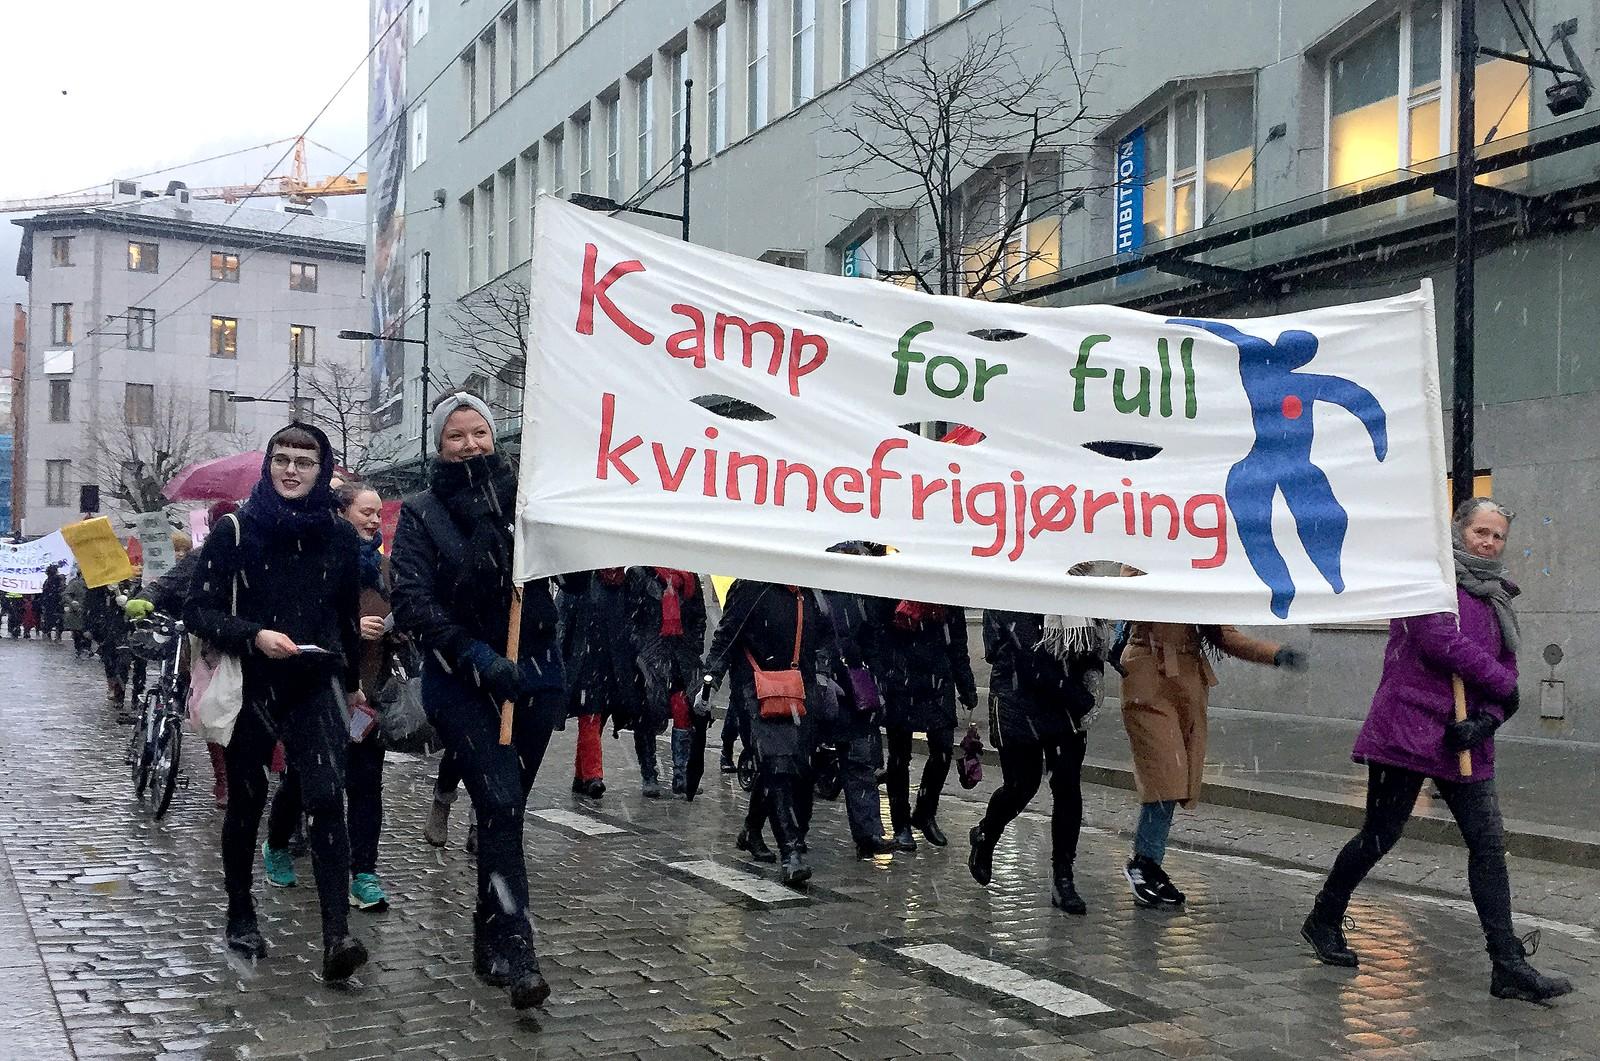 """Rundt 2000 gikk i tog under kvinnedagen i Bergen 2017, her i Olav Kyrres gate, med parolen """"Kamp for full kvinnefrigjøring""""."""